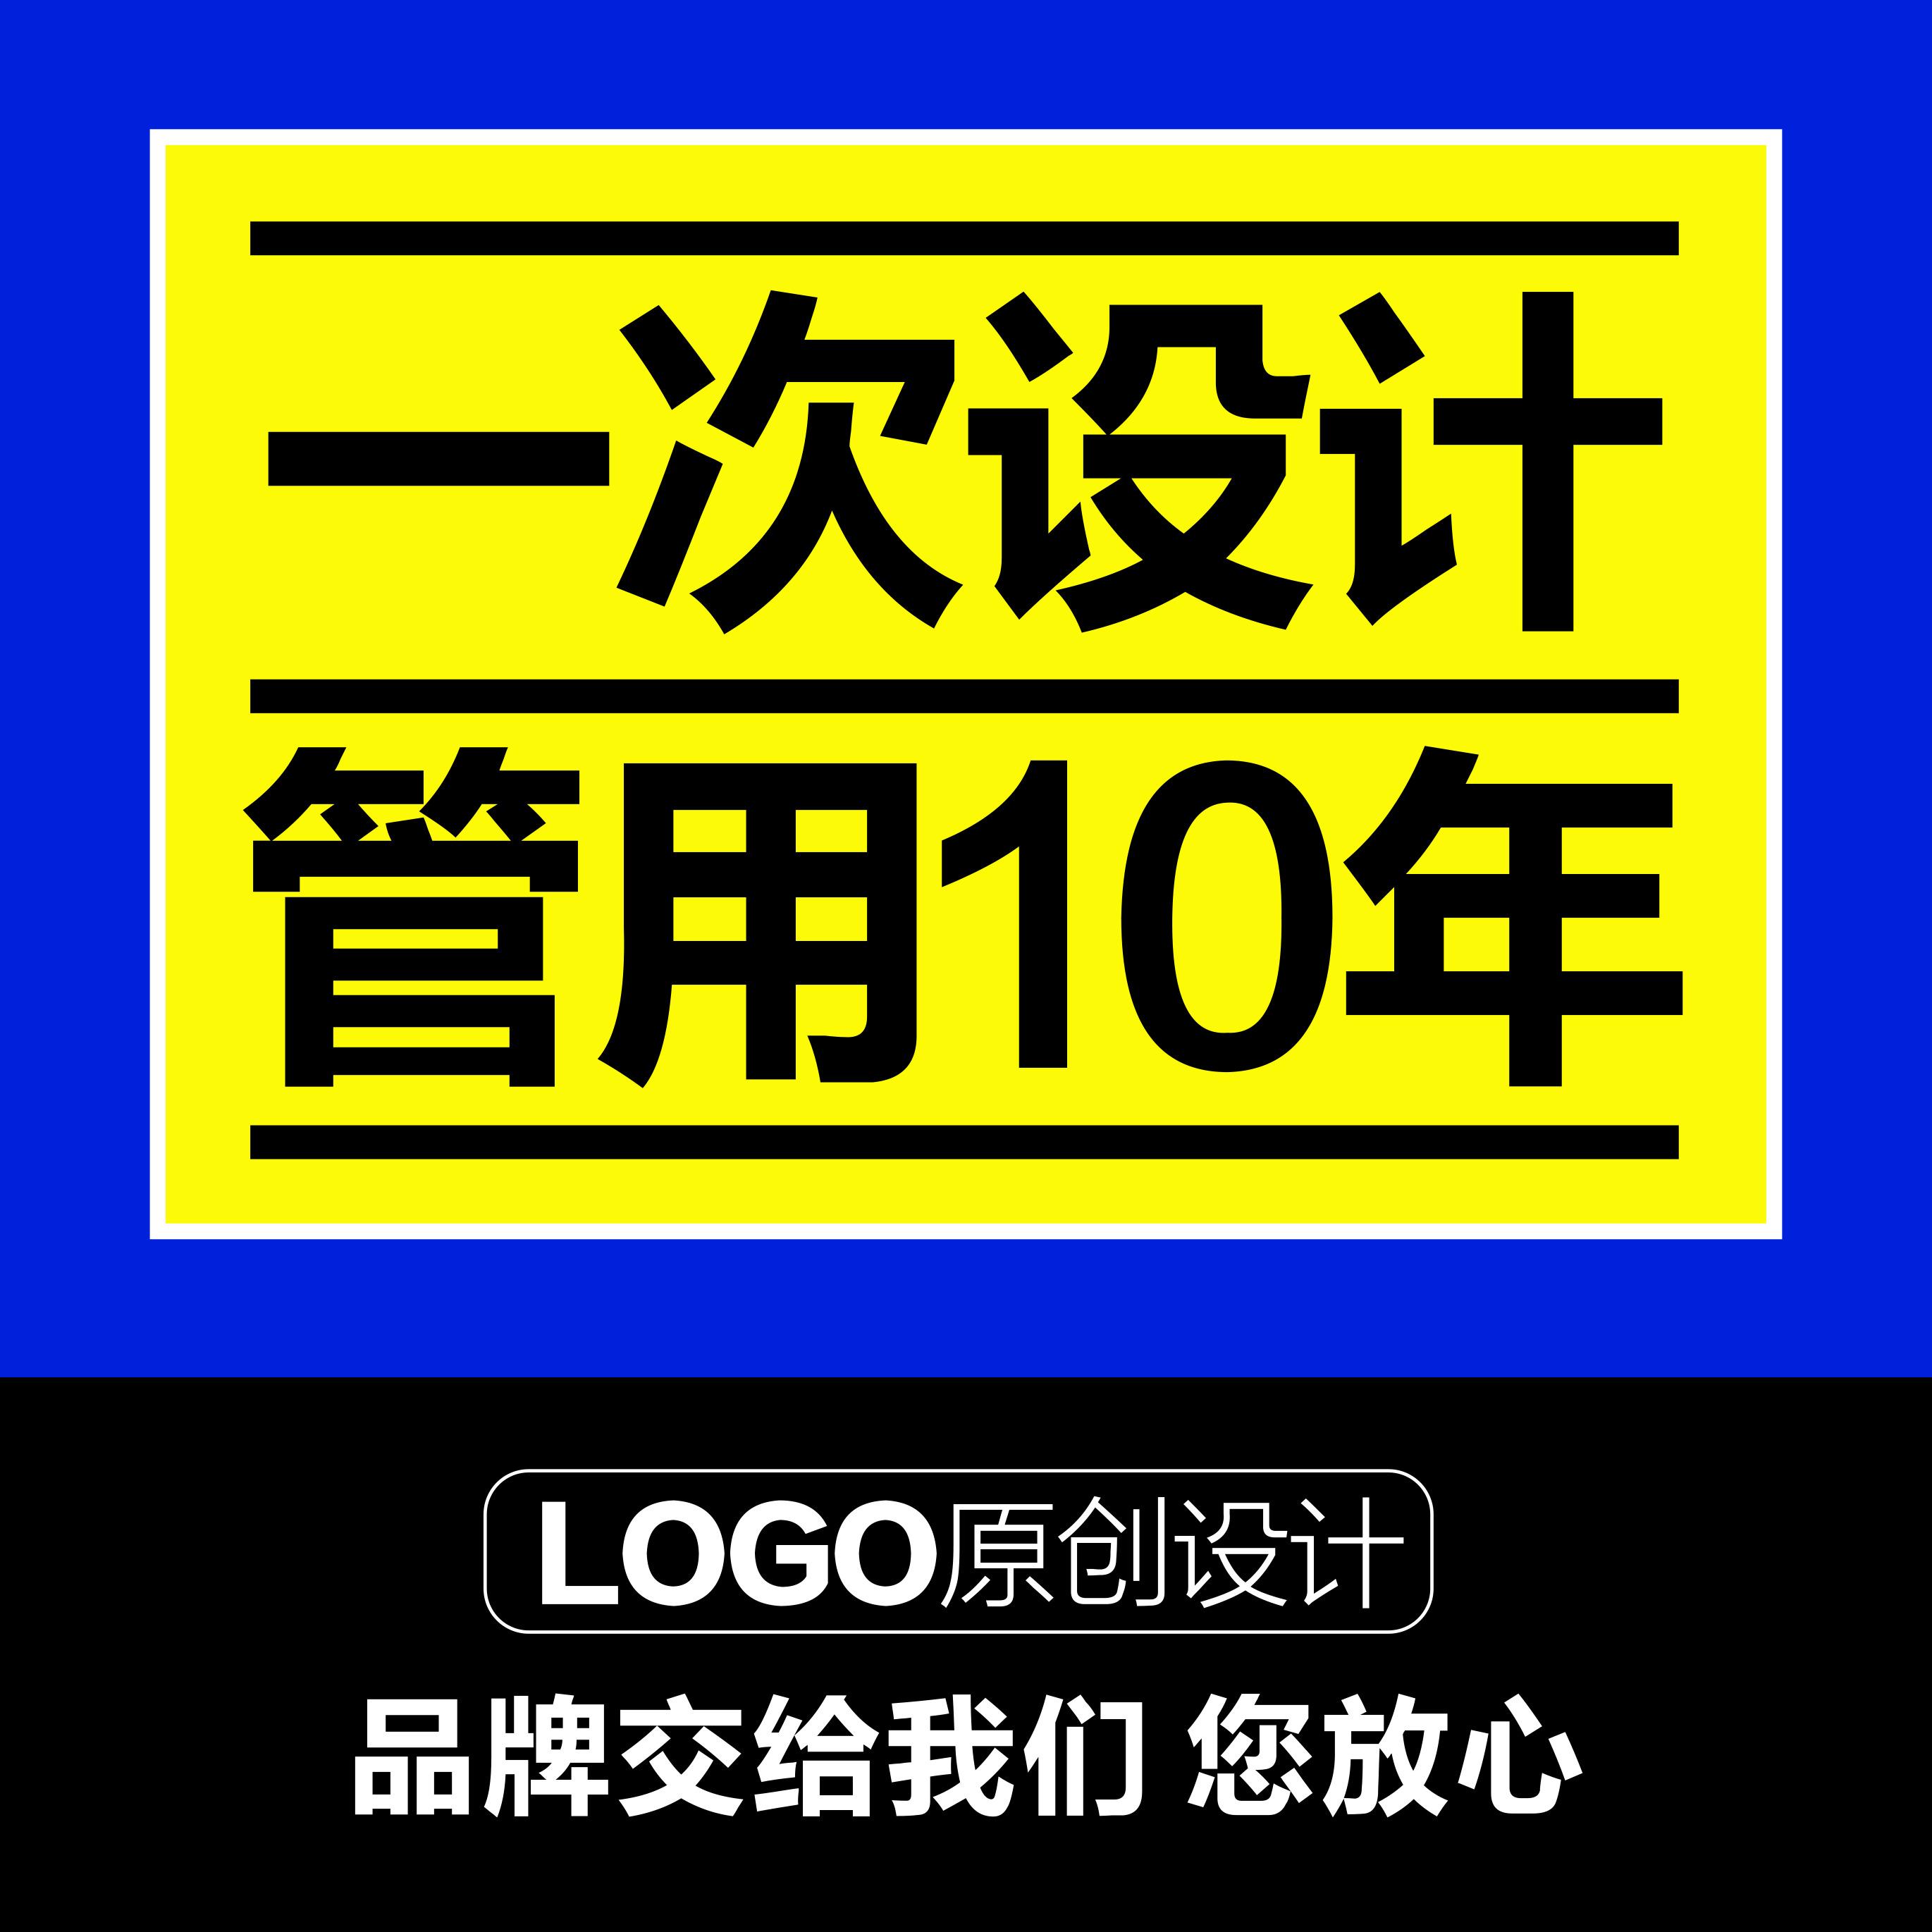 LOGO图标设计卡通化妆品护肤品标志设计图文logo商标设计